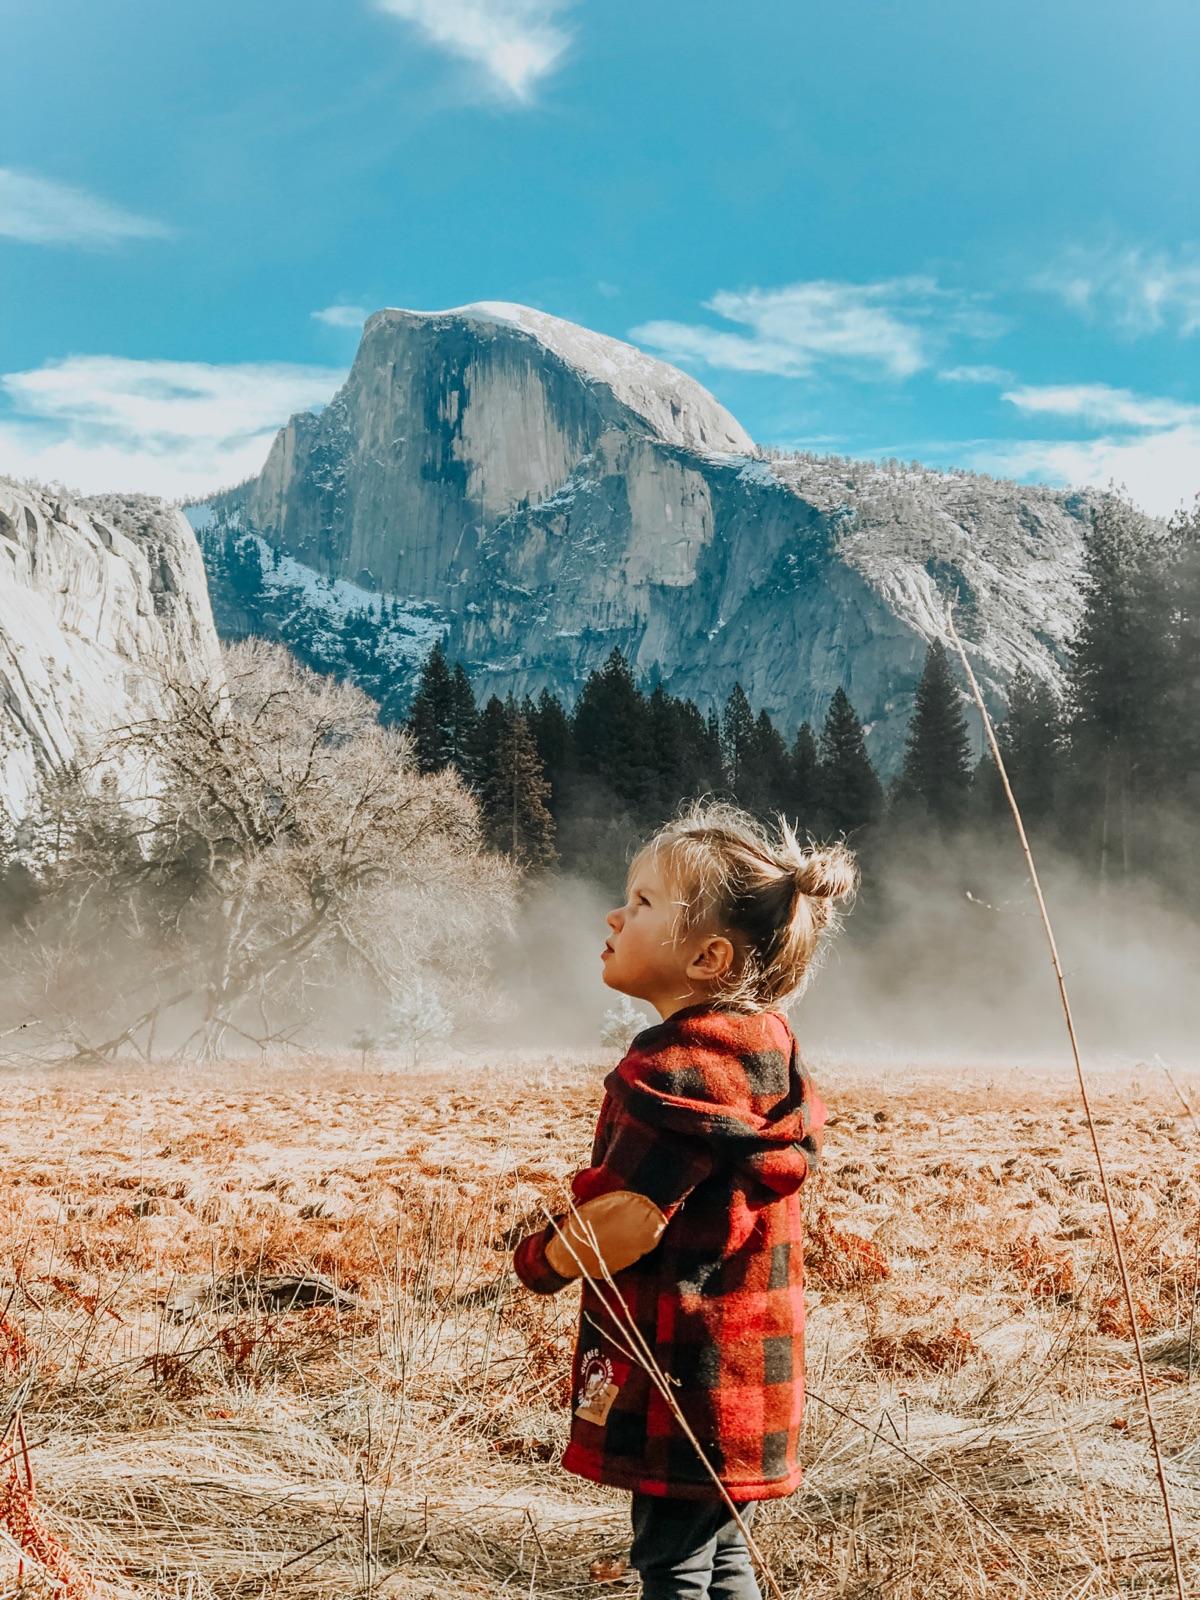 foto van een klein meisje met roodzwart geblokte winterjas die op omhoog kijkt en op de achtergrond een berg en bossen en blauwe lucht